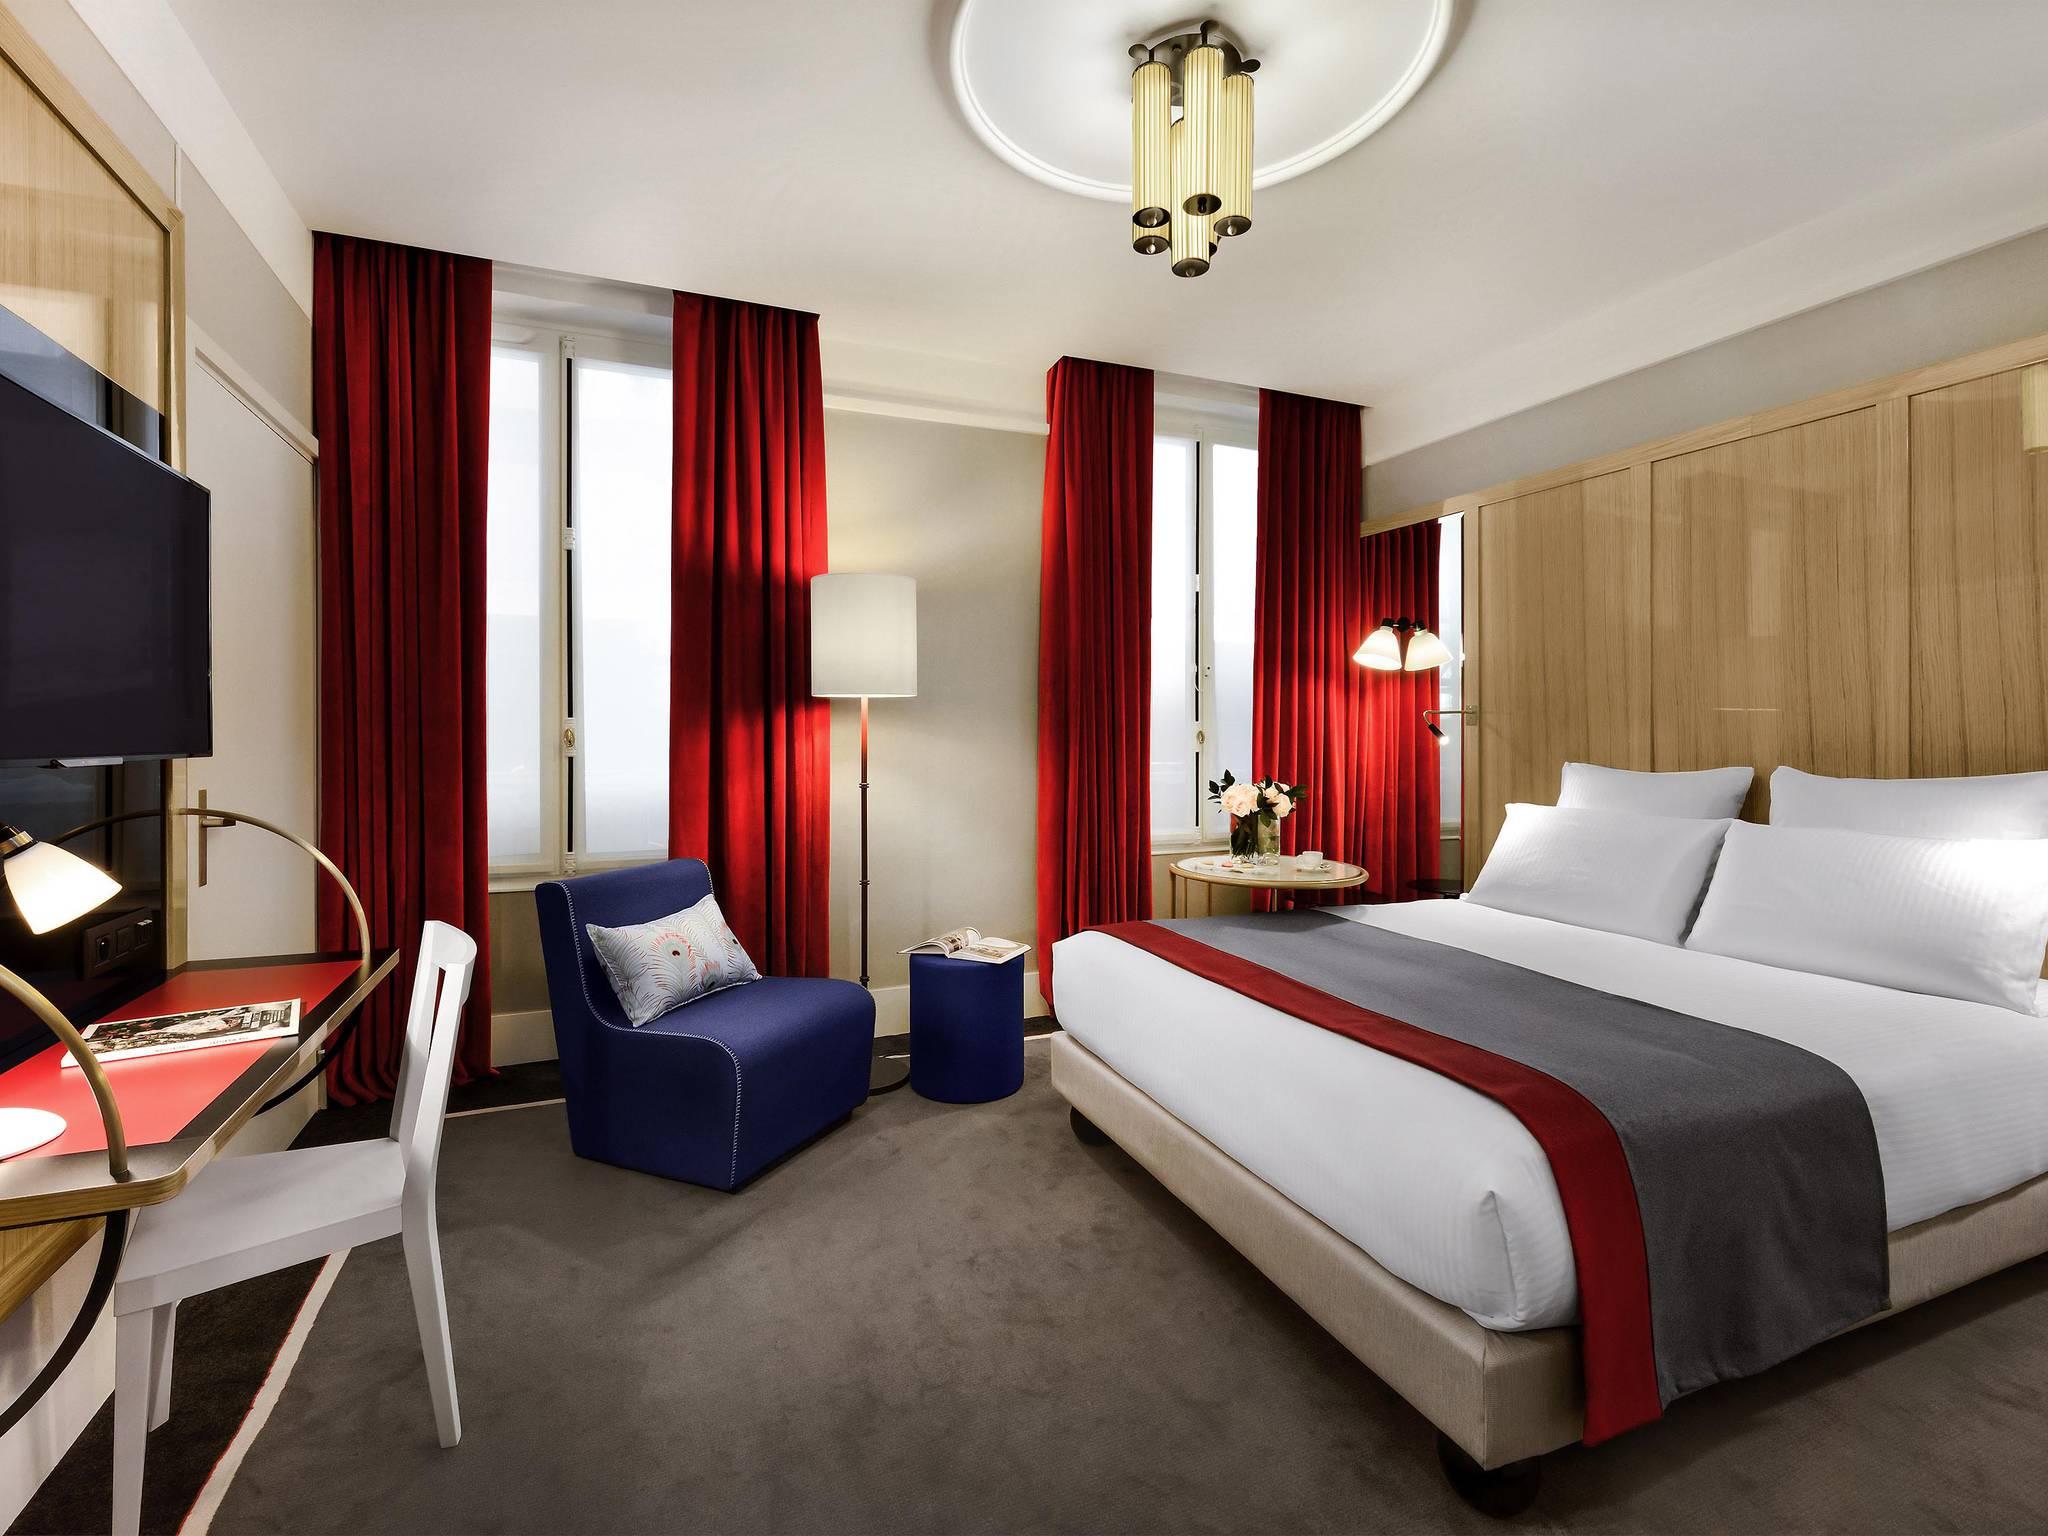 酒店 – 美憬阁索菲特巴黎歌剧院 L'Echiquier 酒店